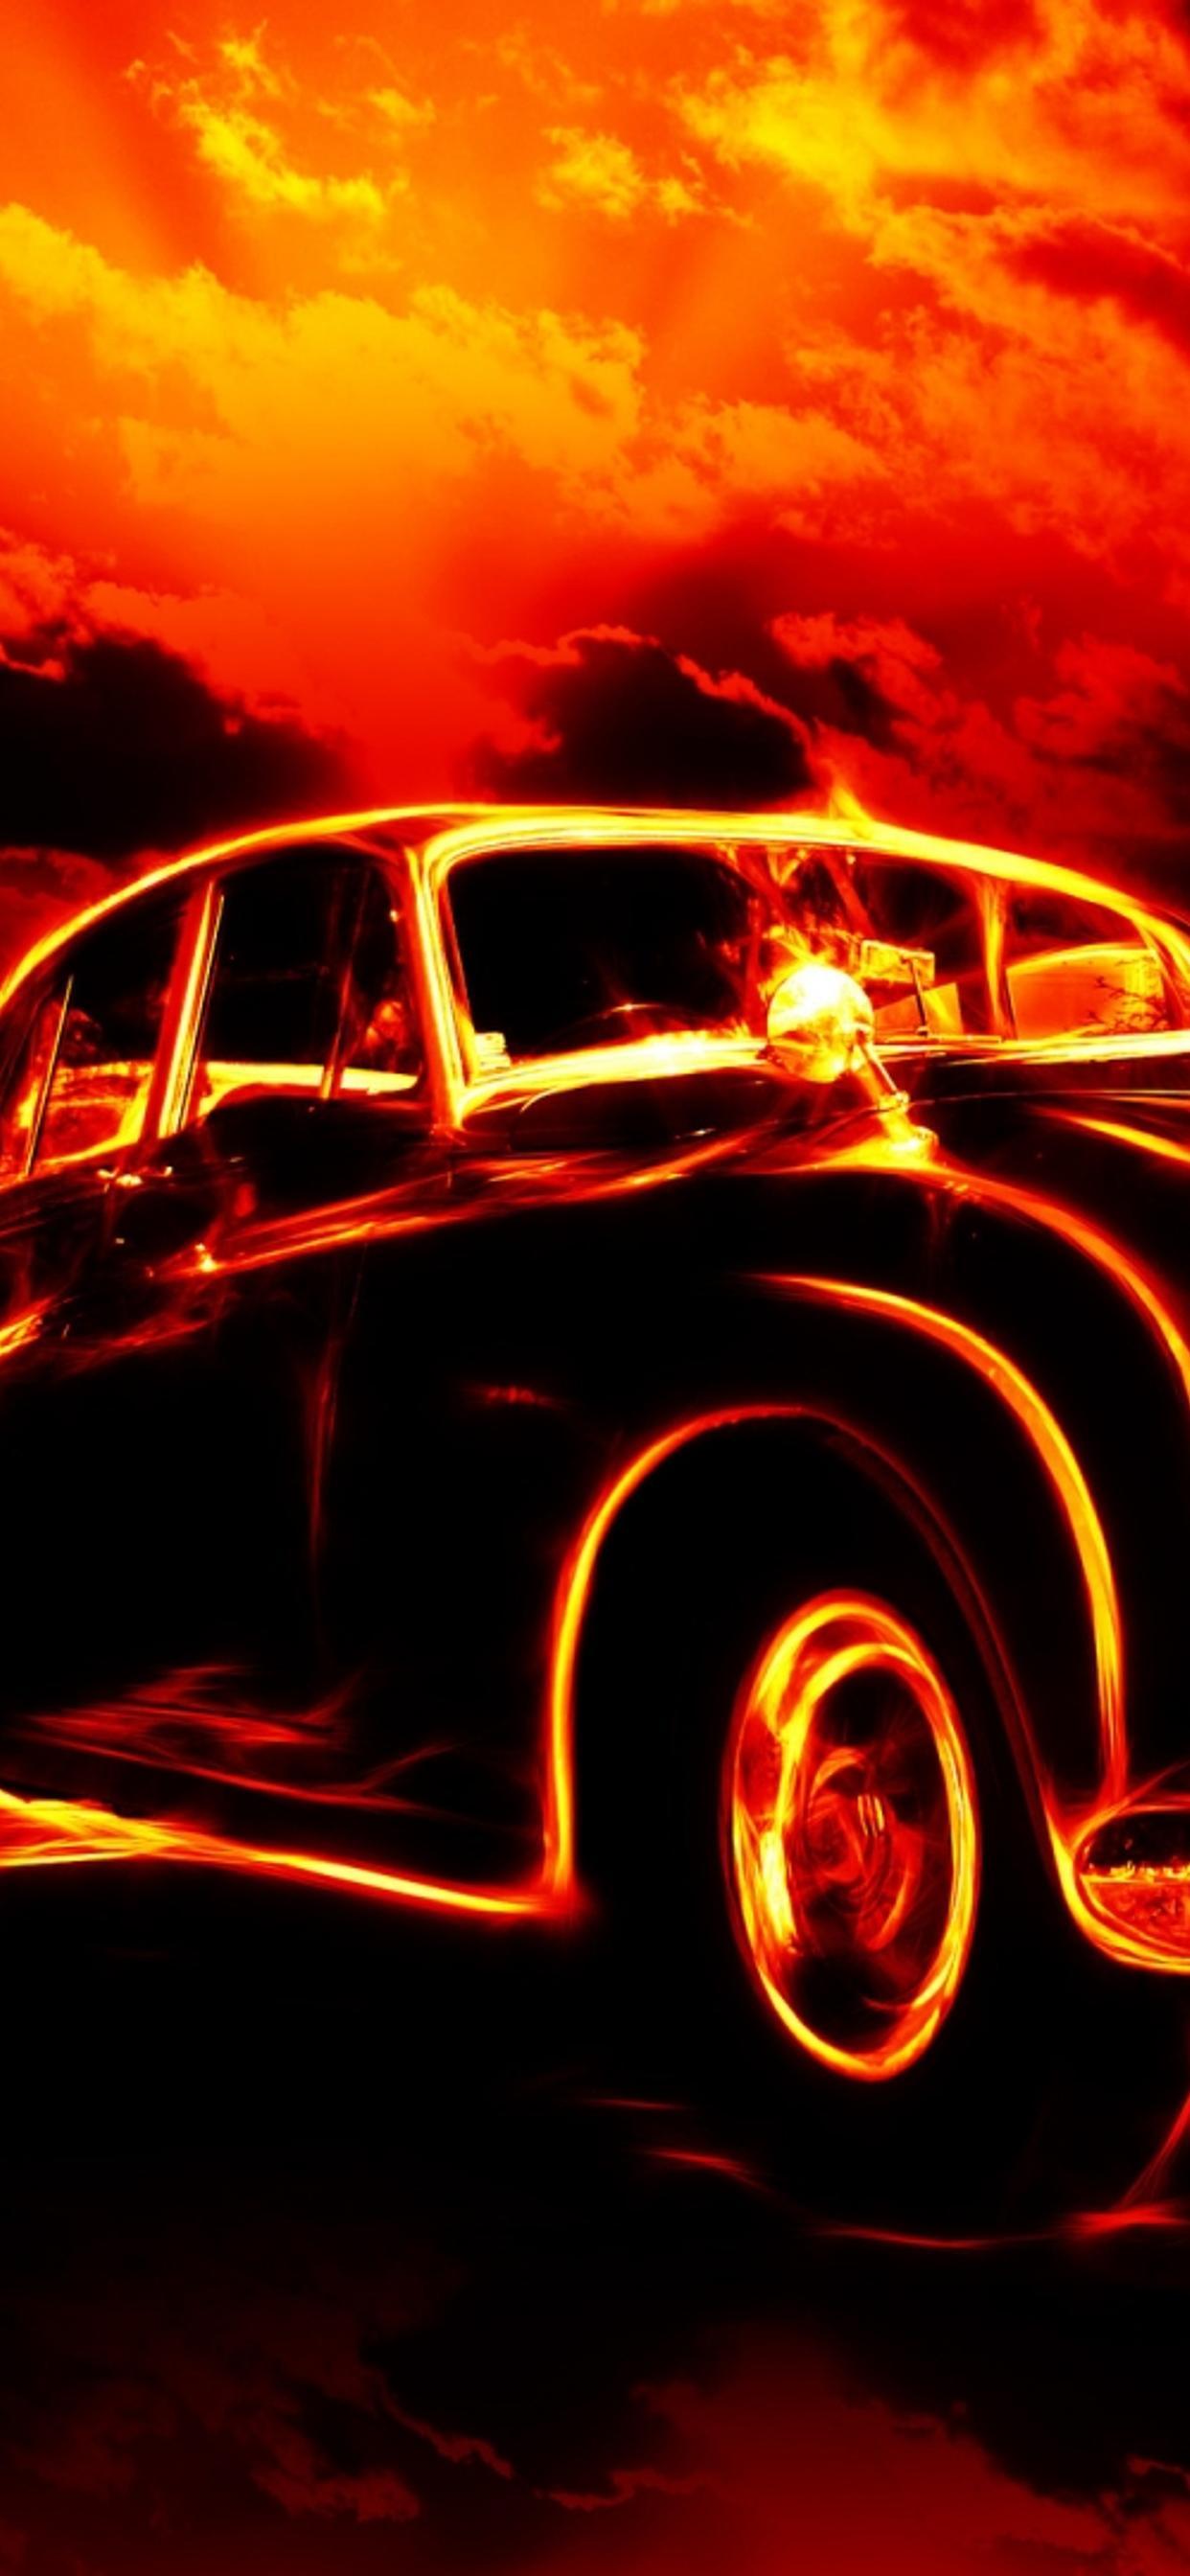 Vintage Car In Flames Dark Wallpaper